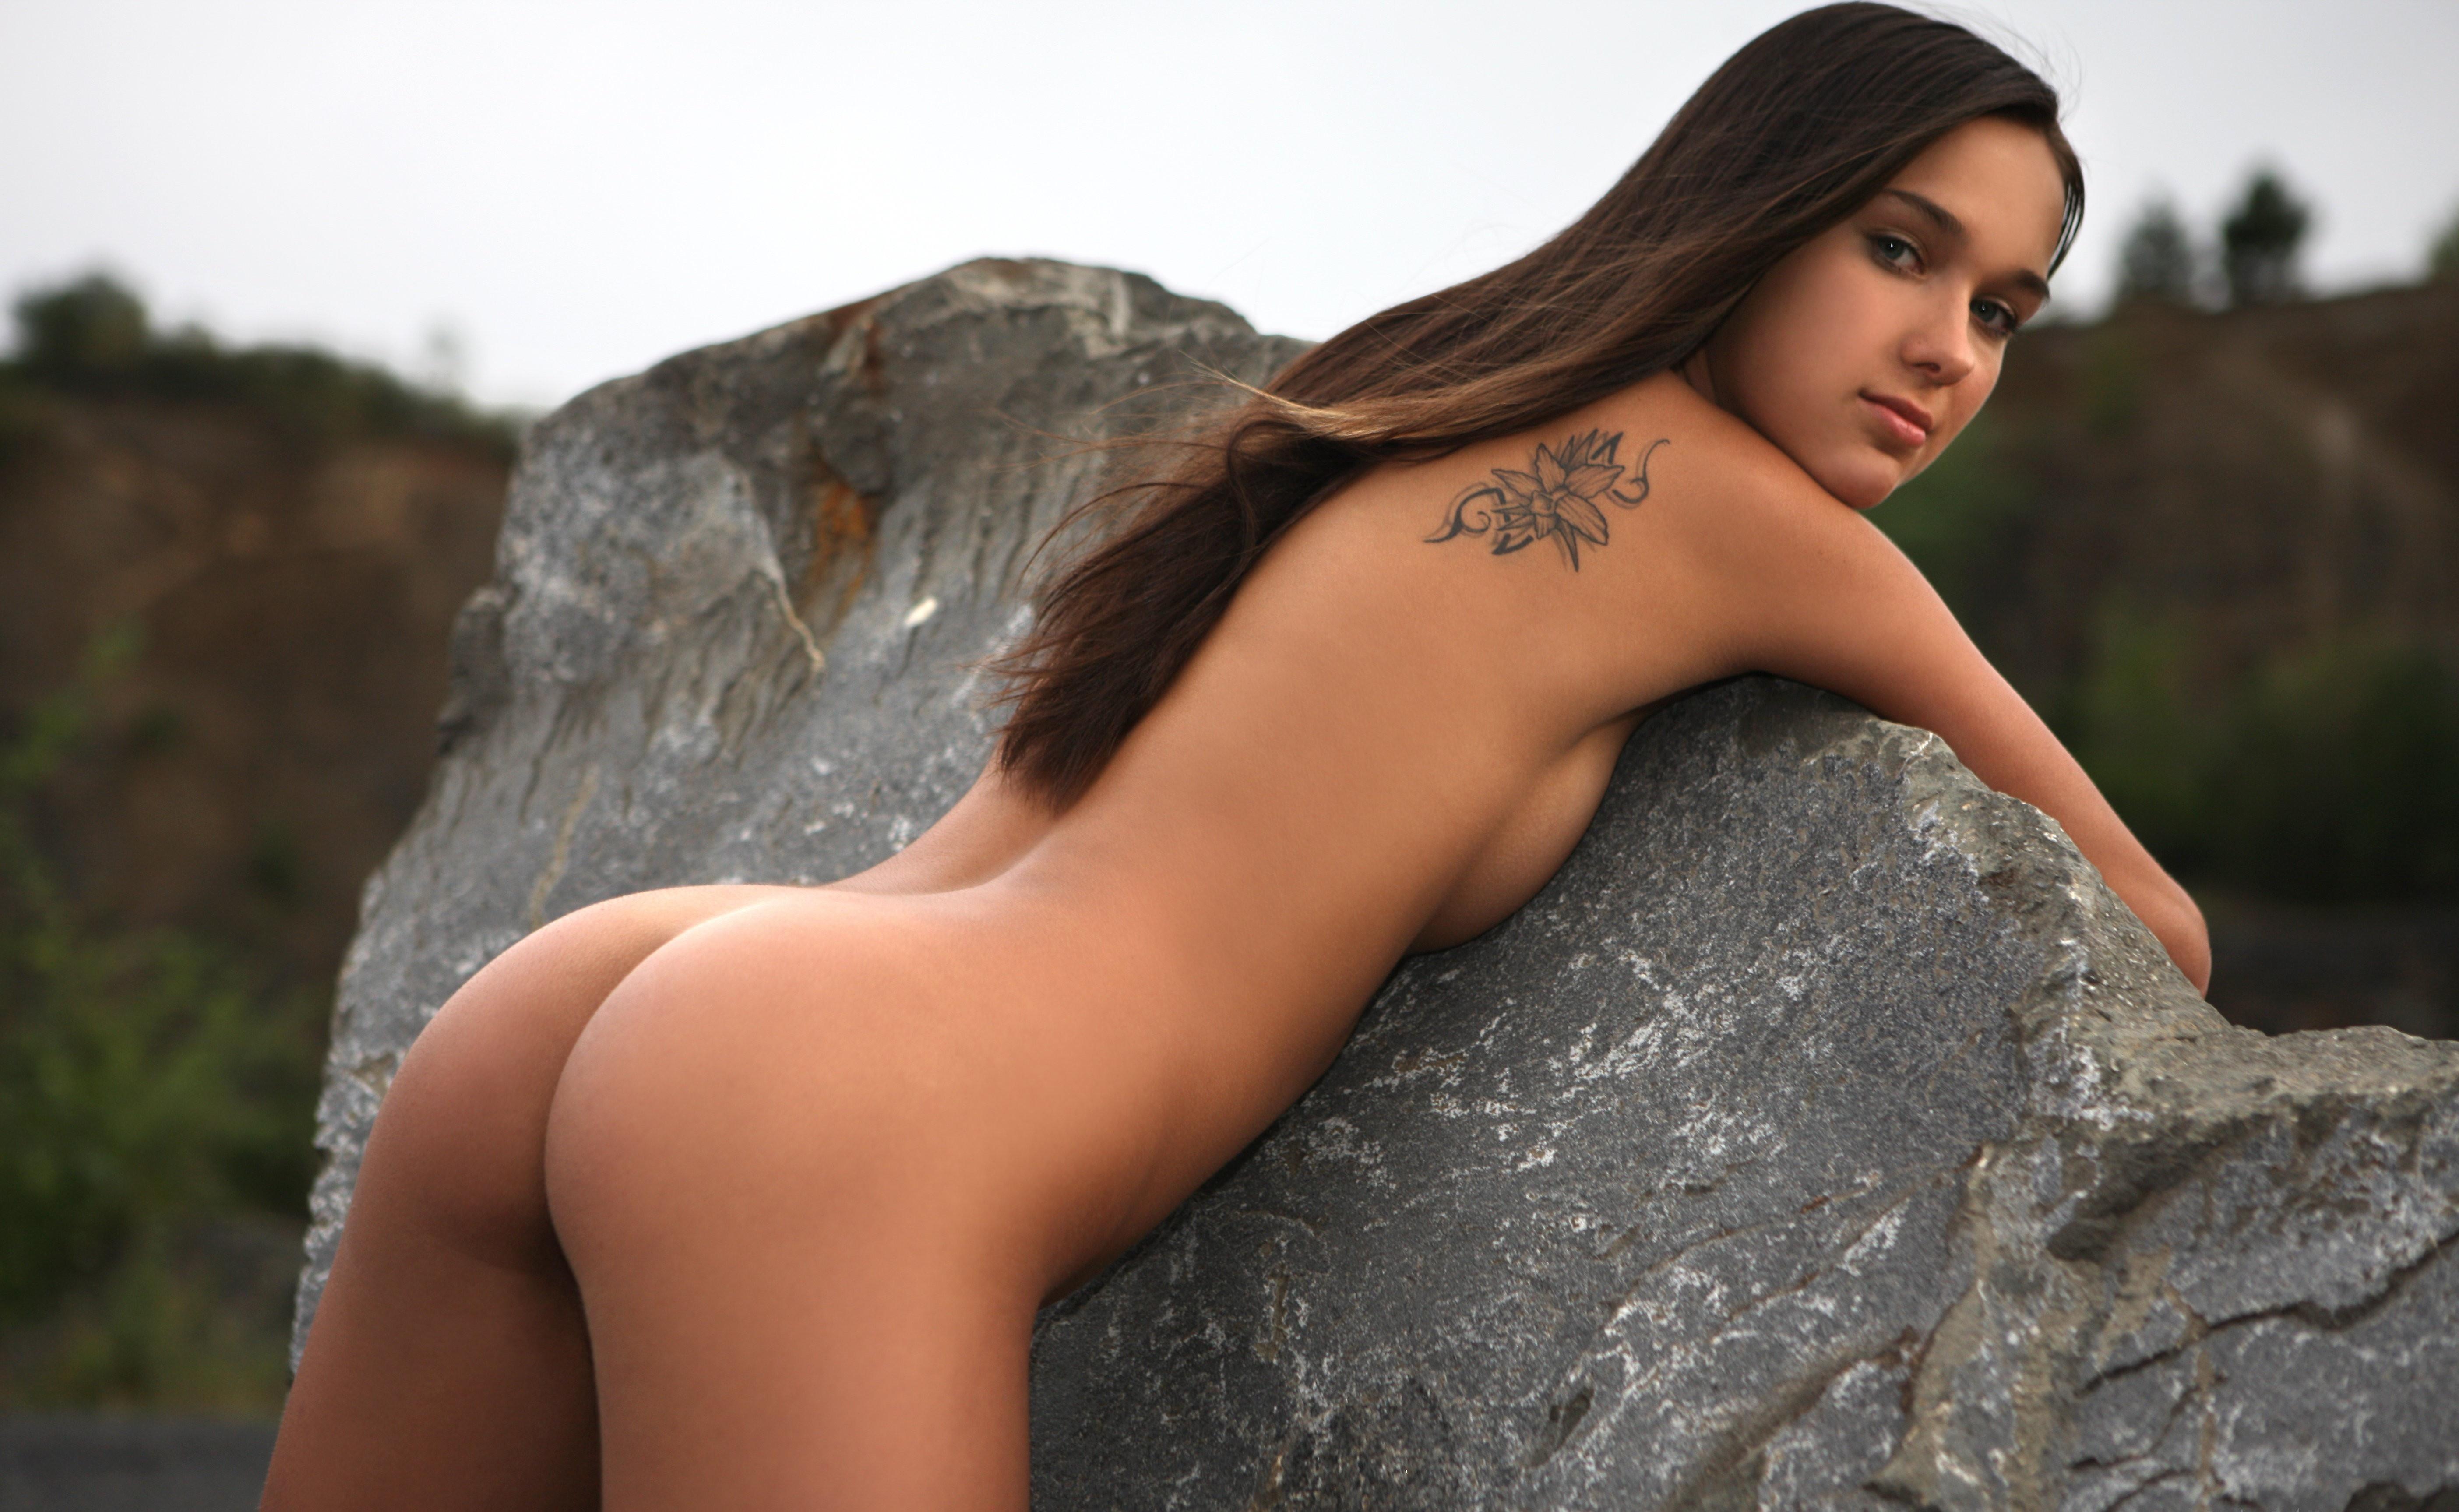 данном голые девушки красиво молодые того, все порно